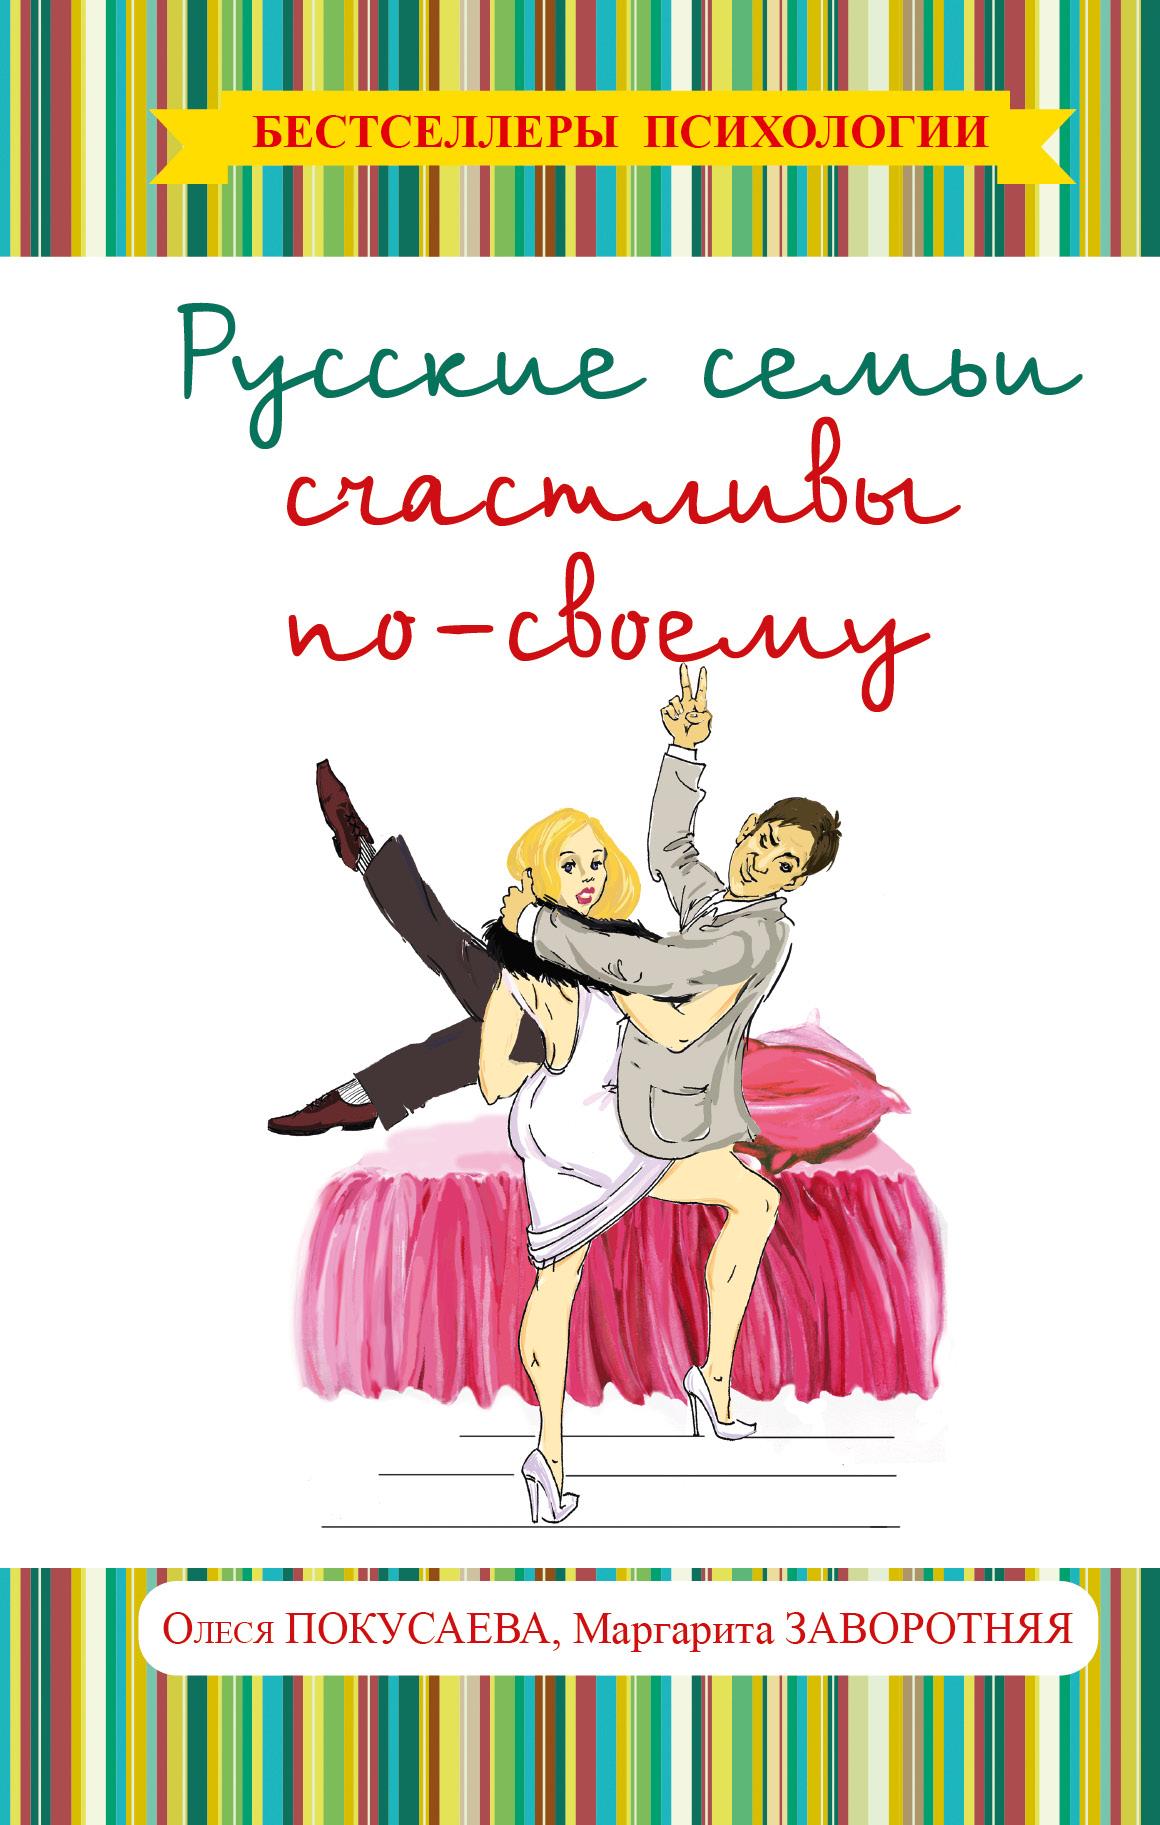 Заворотняя М.И., Покусаева О.В. Русские семьи счастливы по-своему ли эймис рисуем вместе с ли эймисом разнообразные объекты